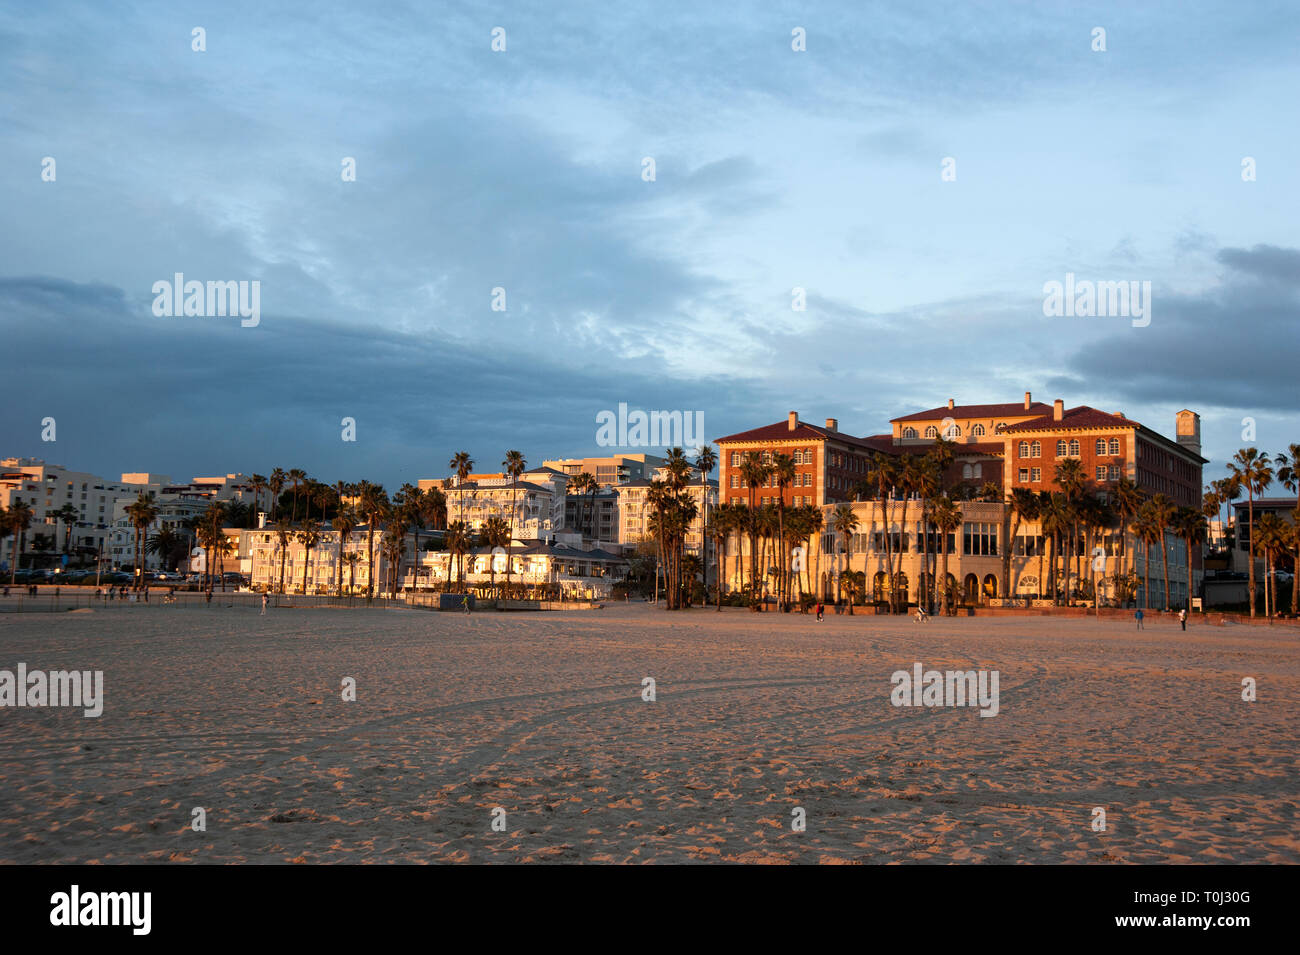 Hoteles de playa persianas y Casa Del Mar a lo largo de la Rambla de Santa Mónica, CA. Foto de stock